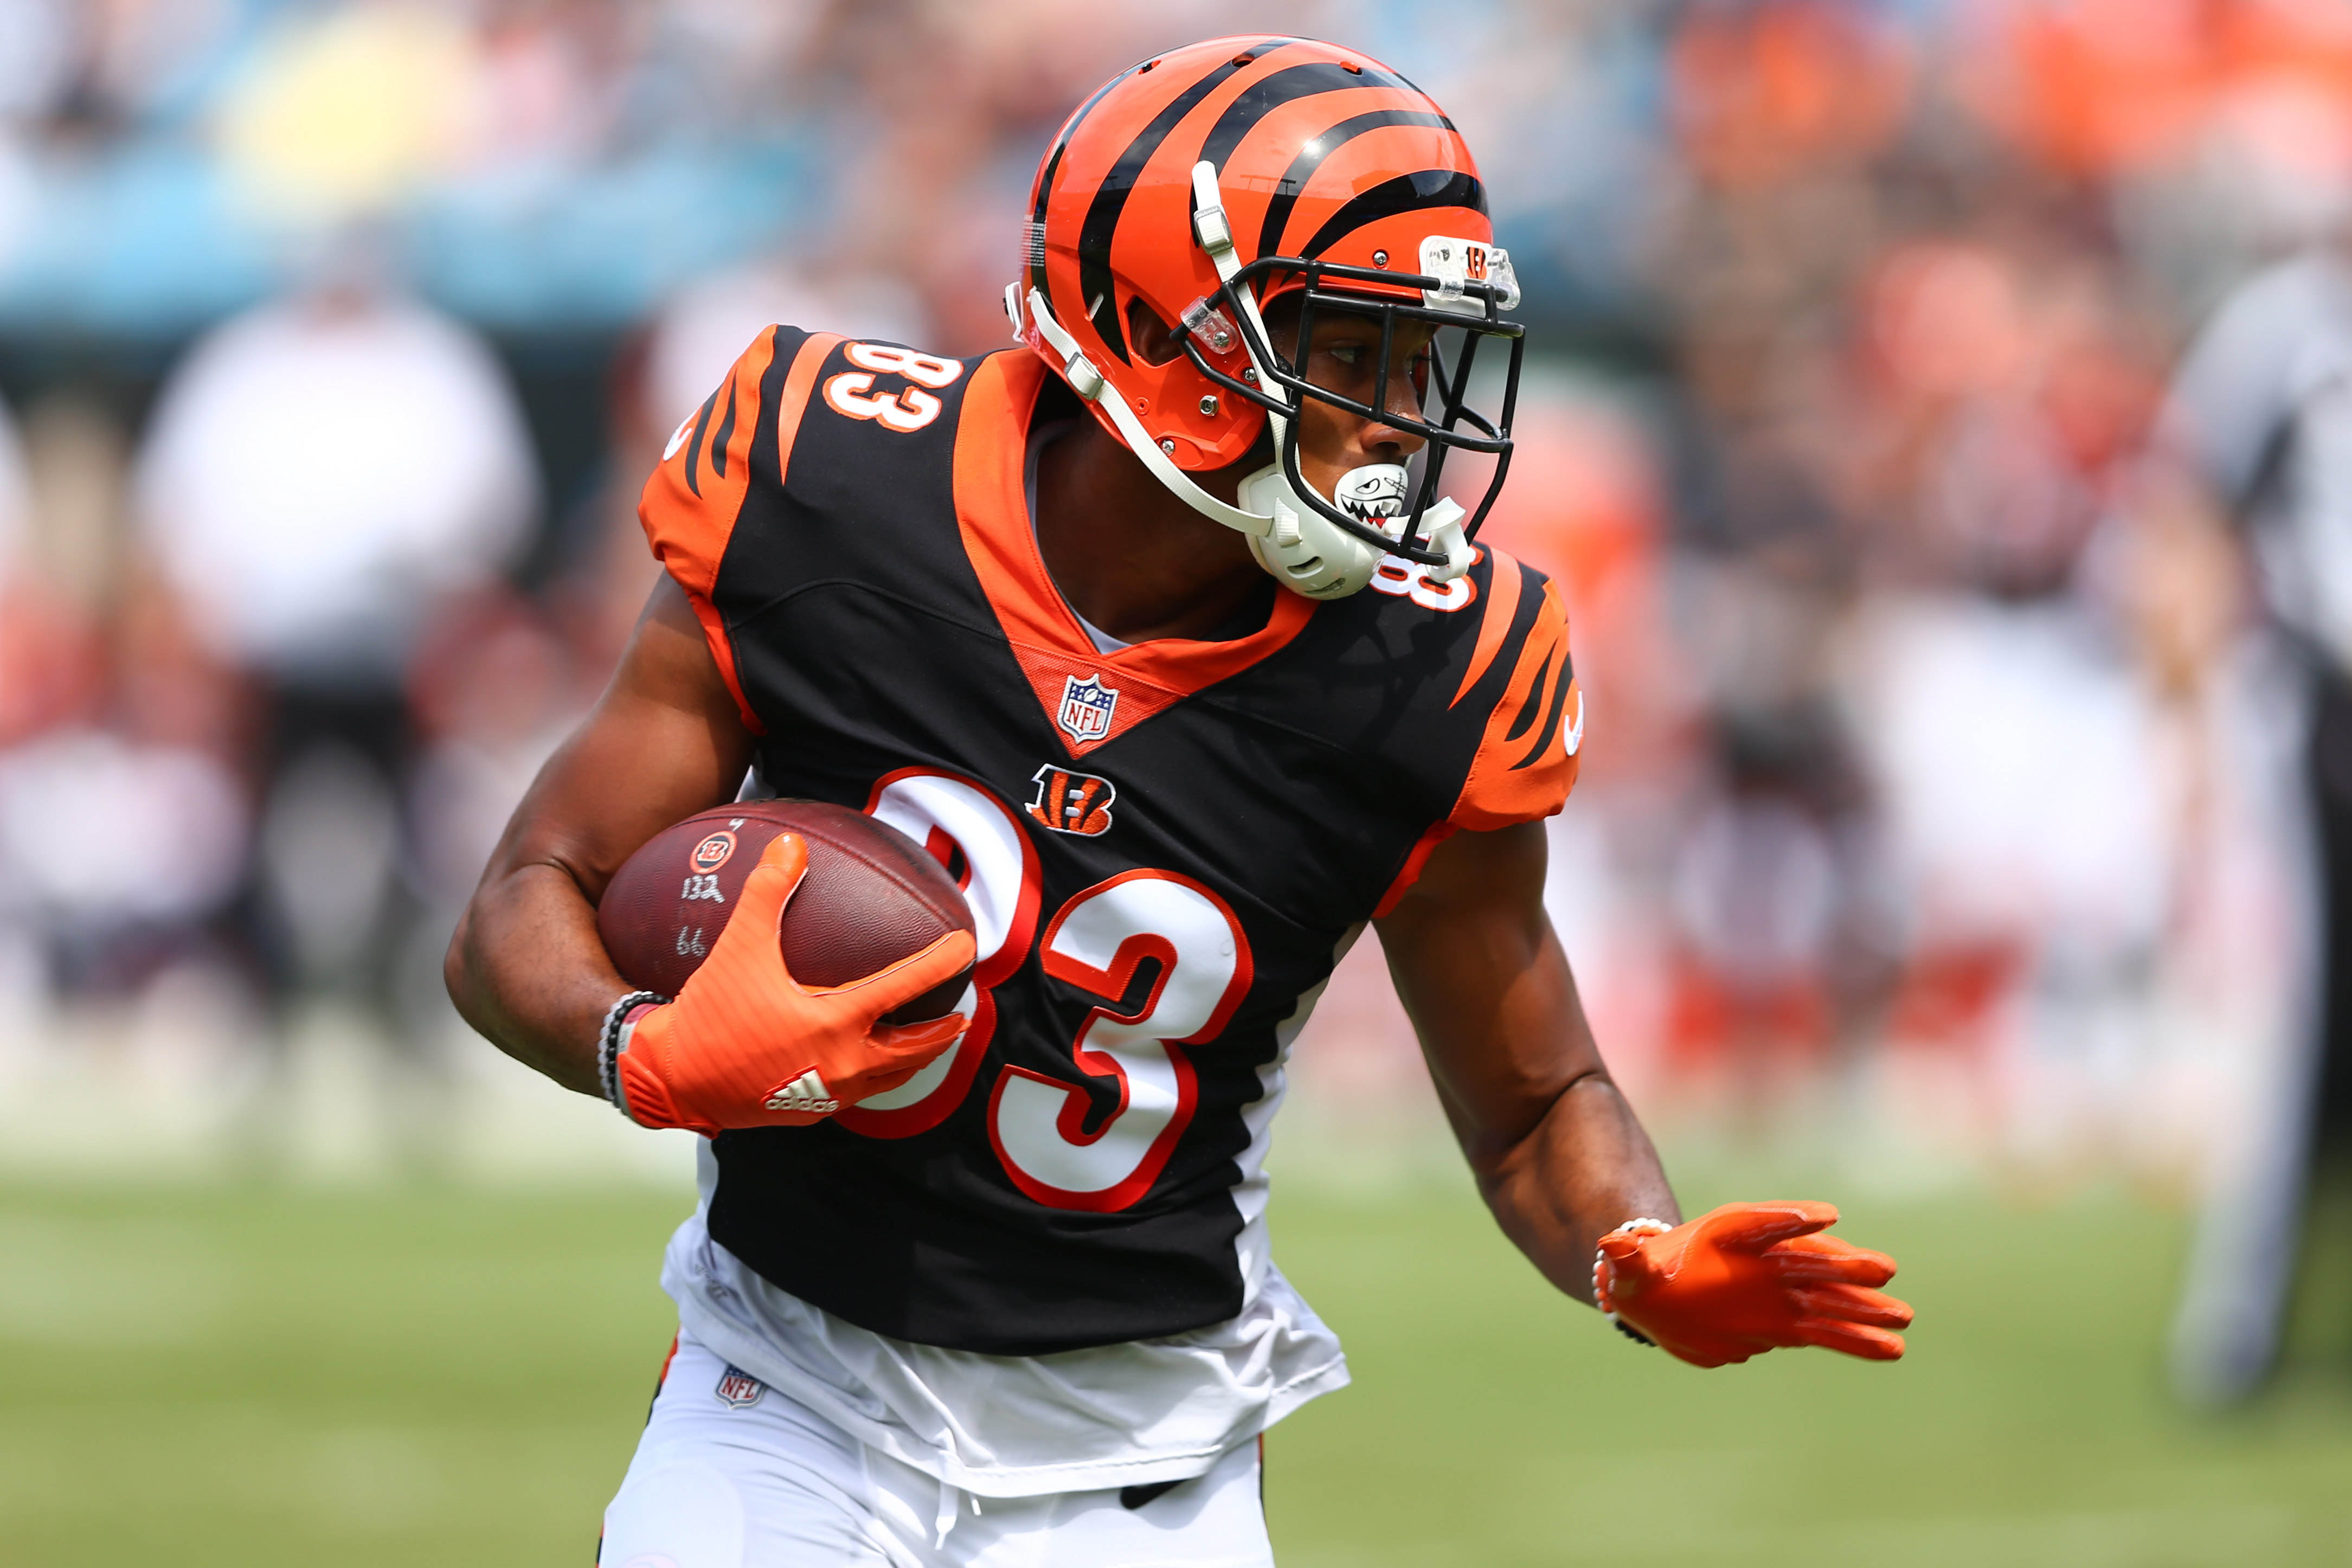 NFL: Cincinnati Bengals at Carolina Panthers